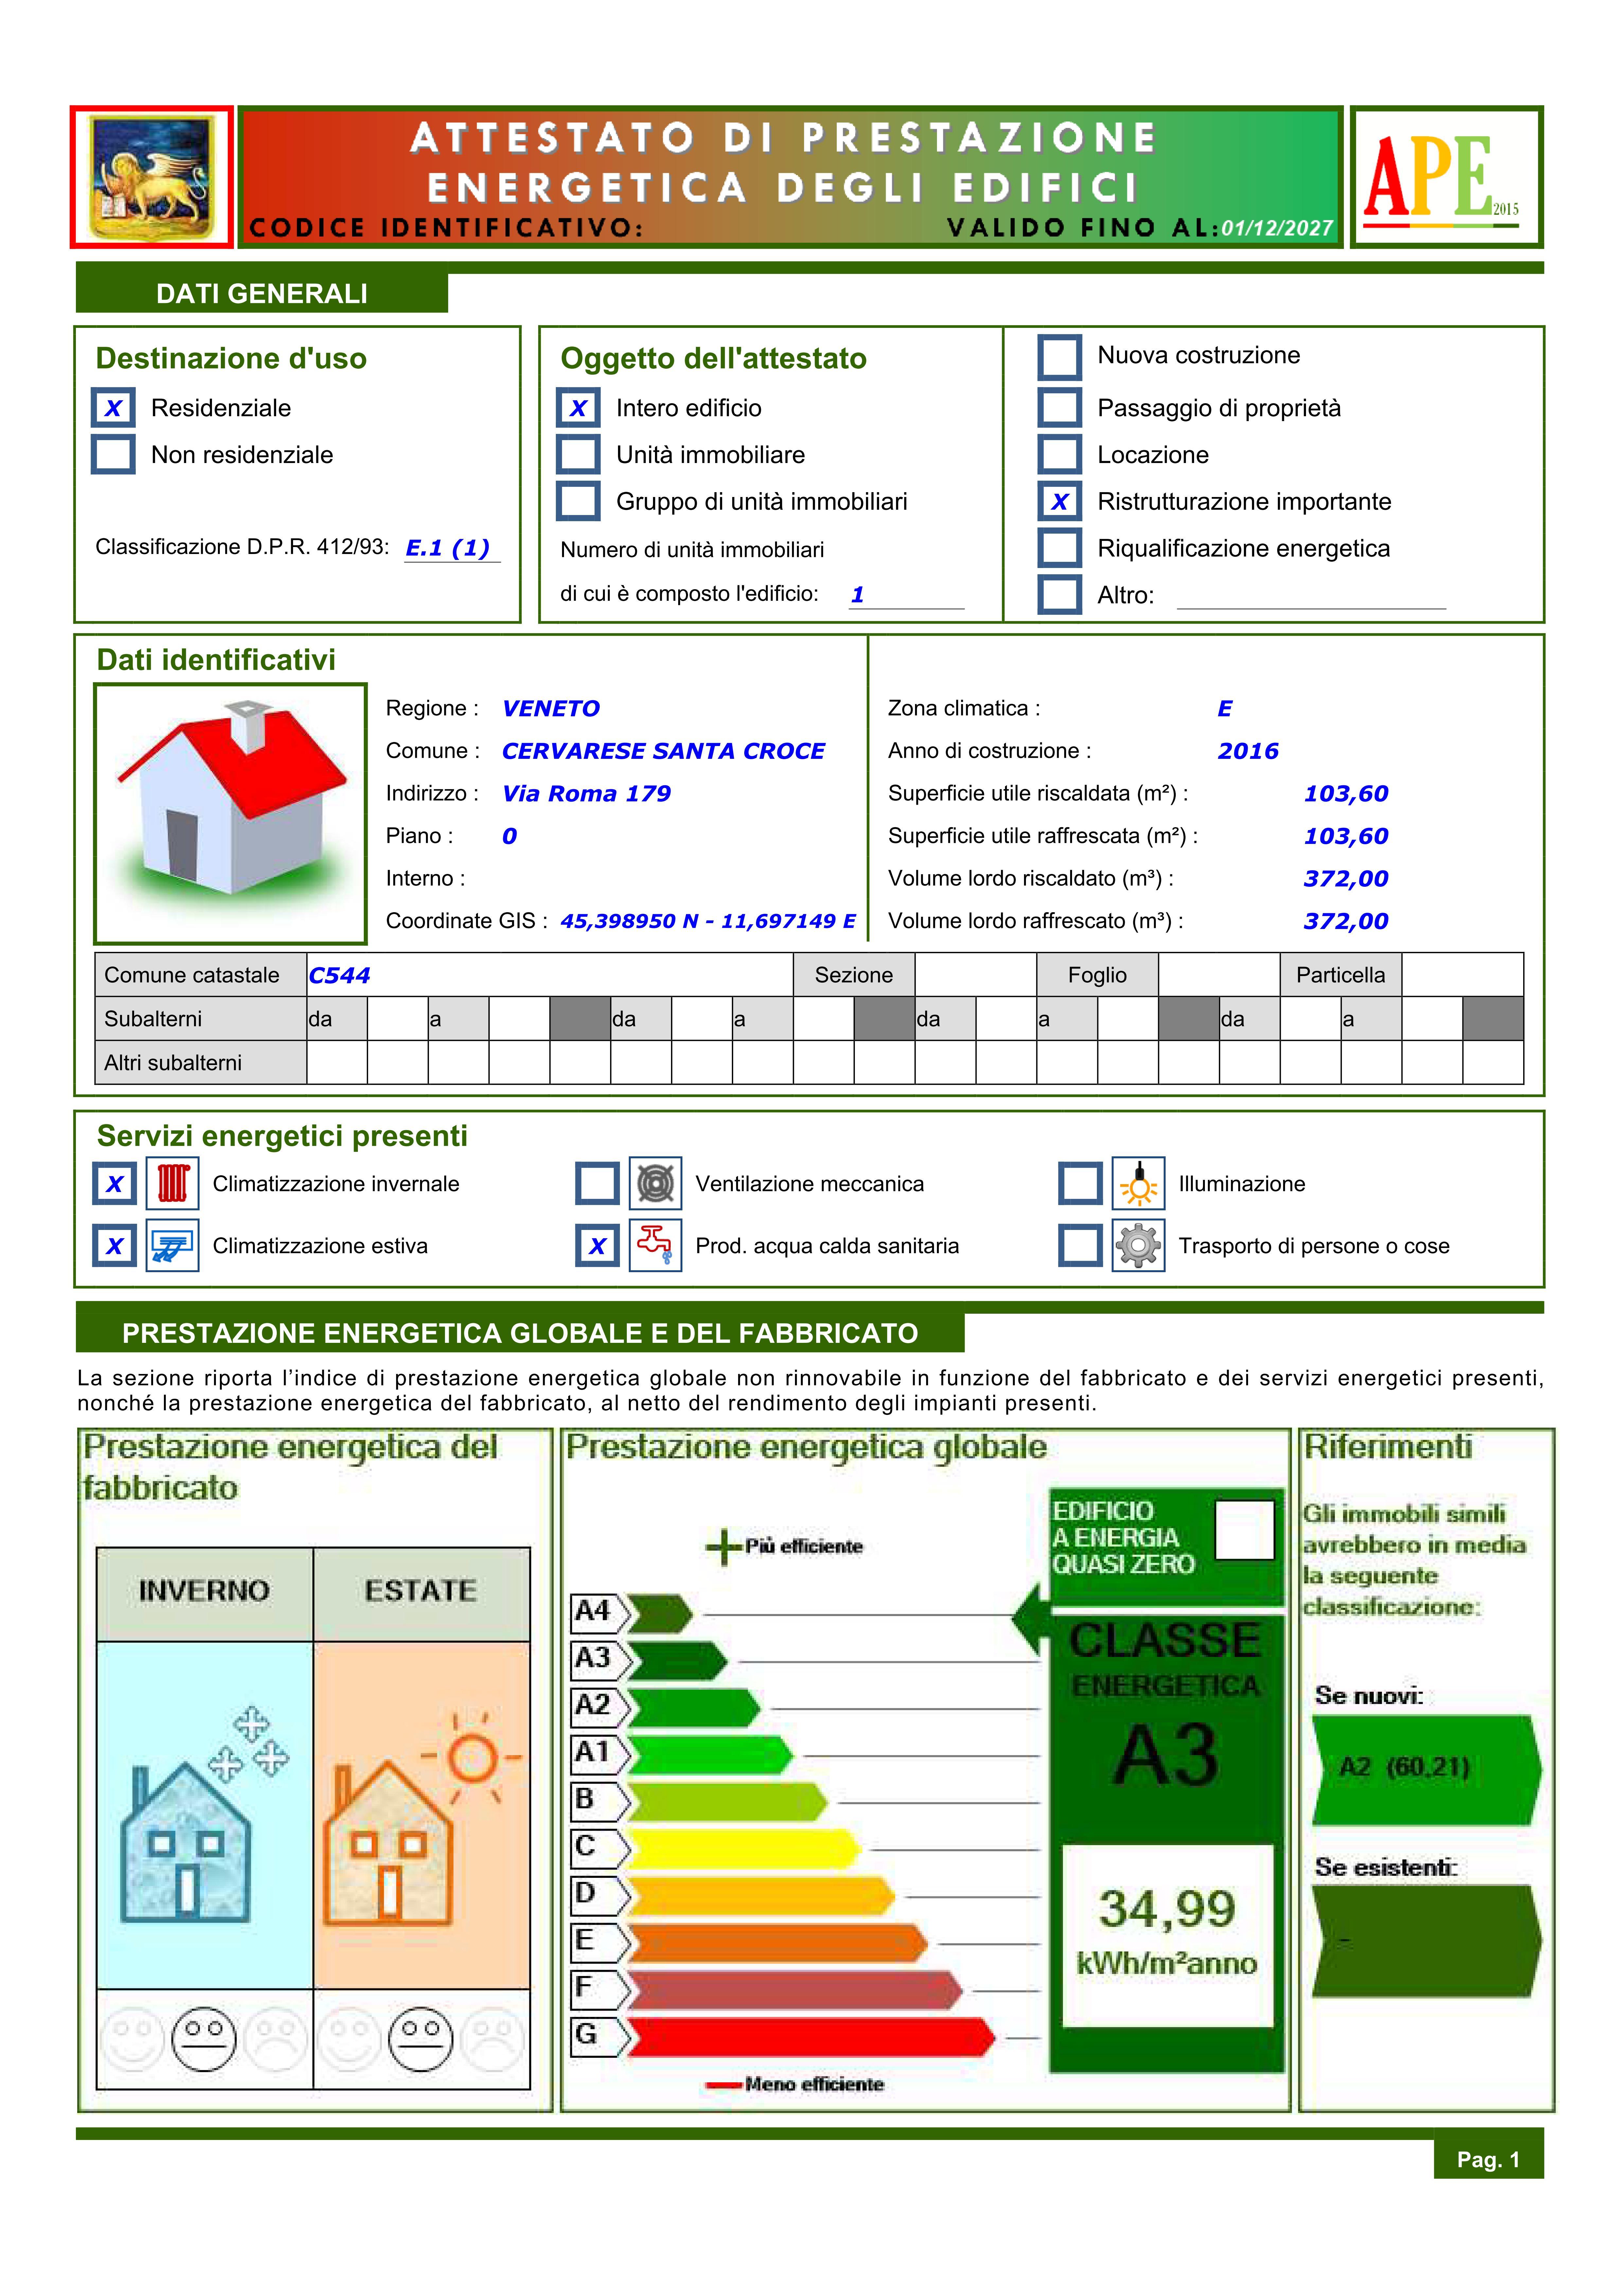 ANALISI ENERGETICHE E ATTESTATI DI PRESTAZIONE ENERGETICA